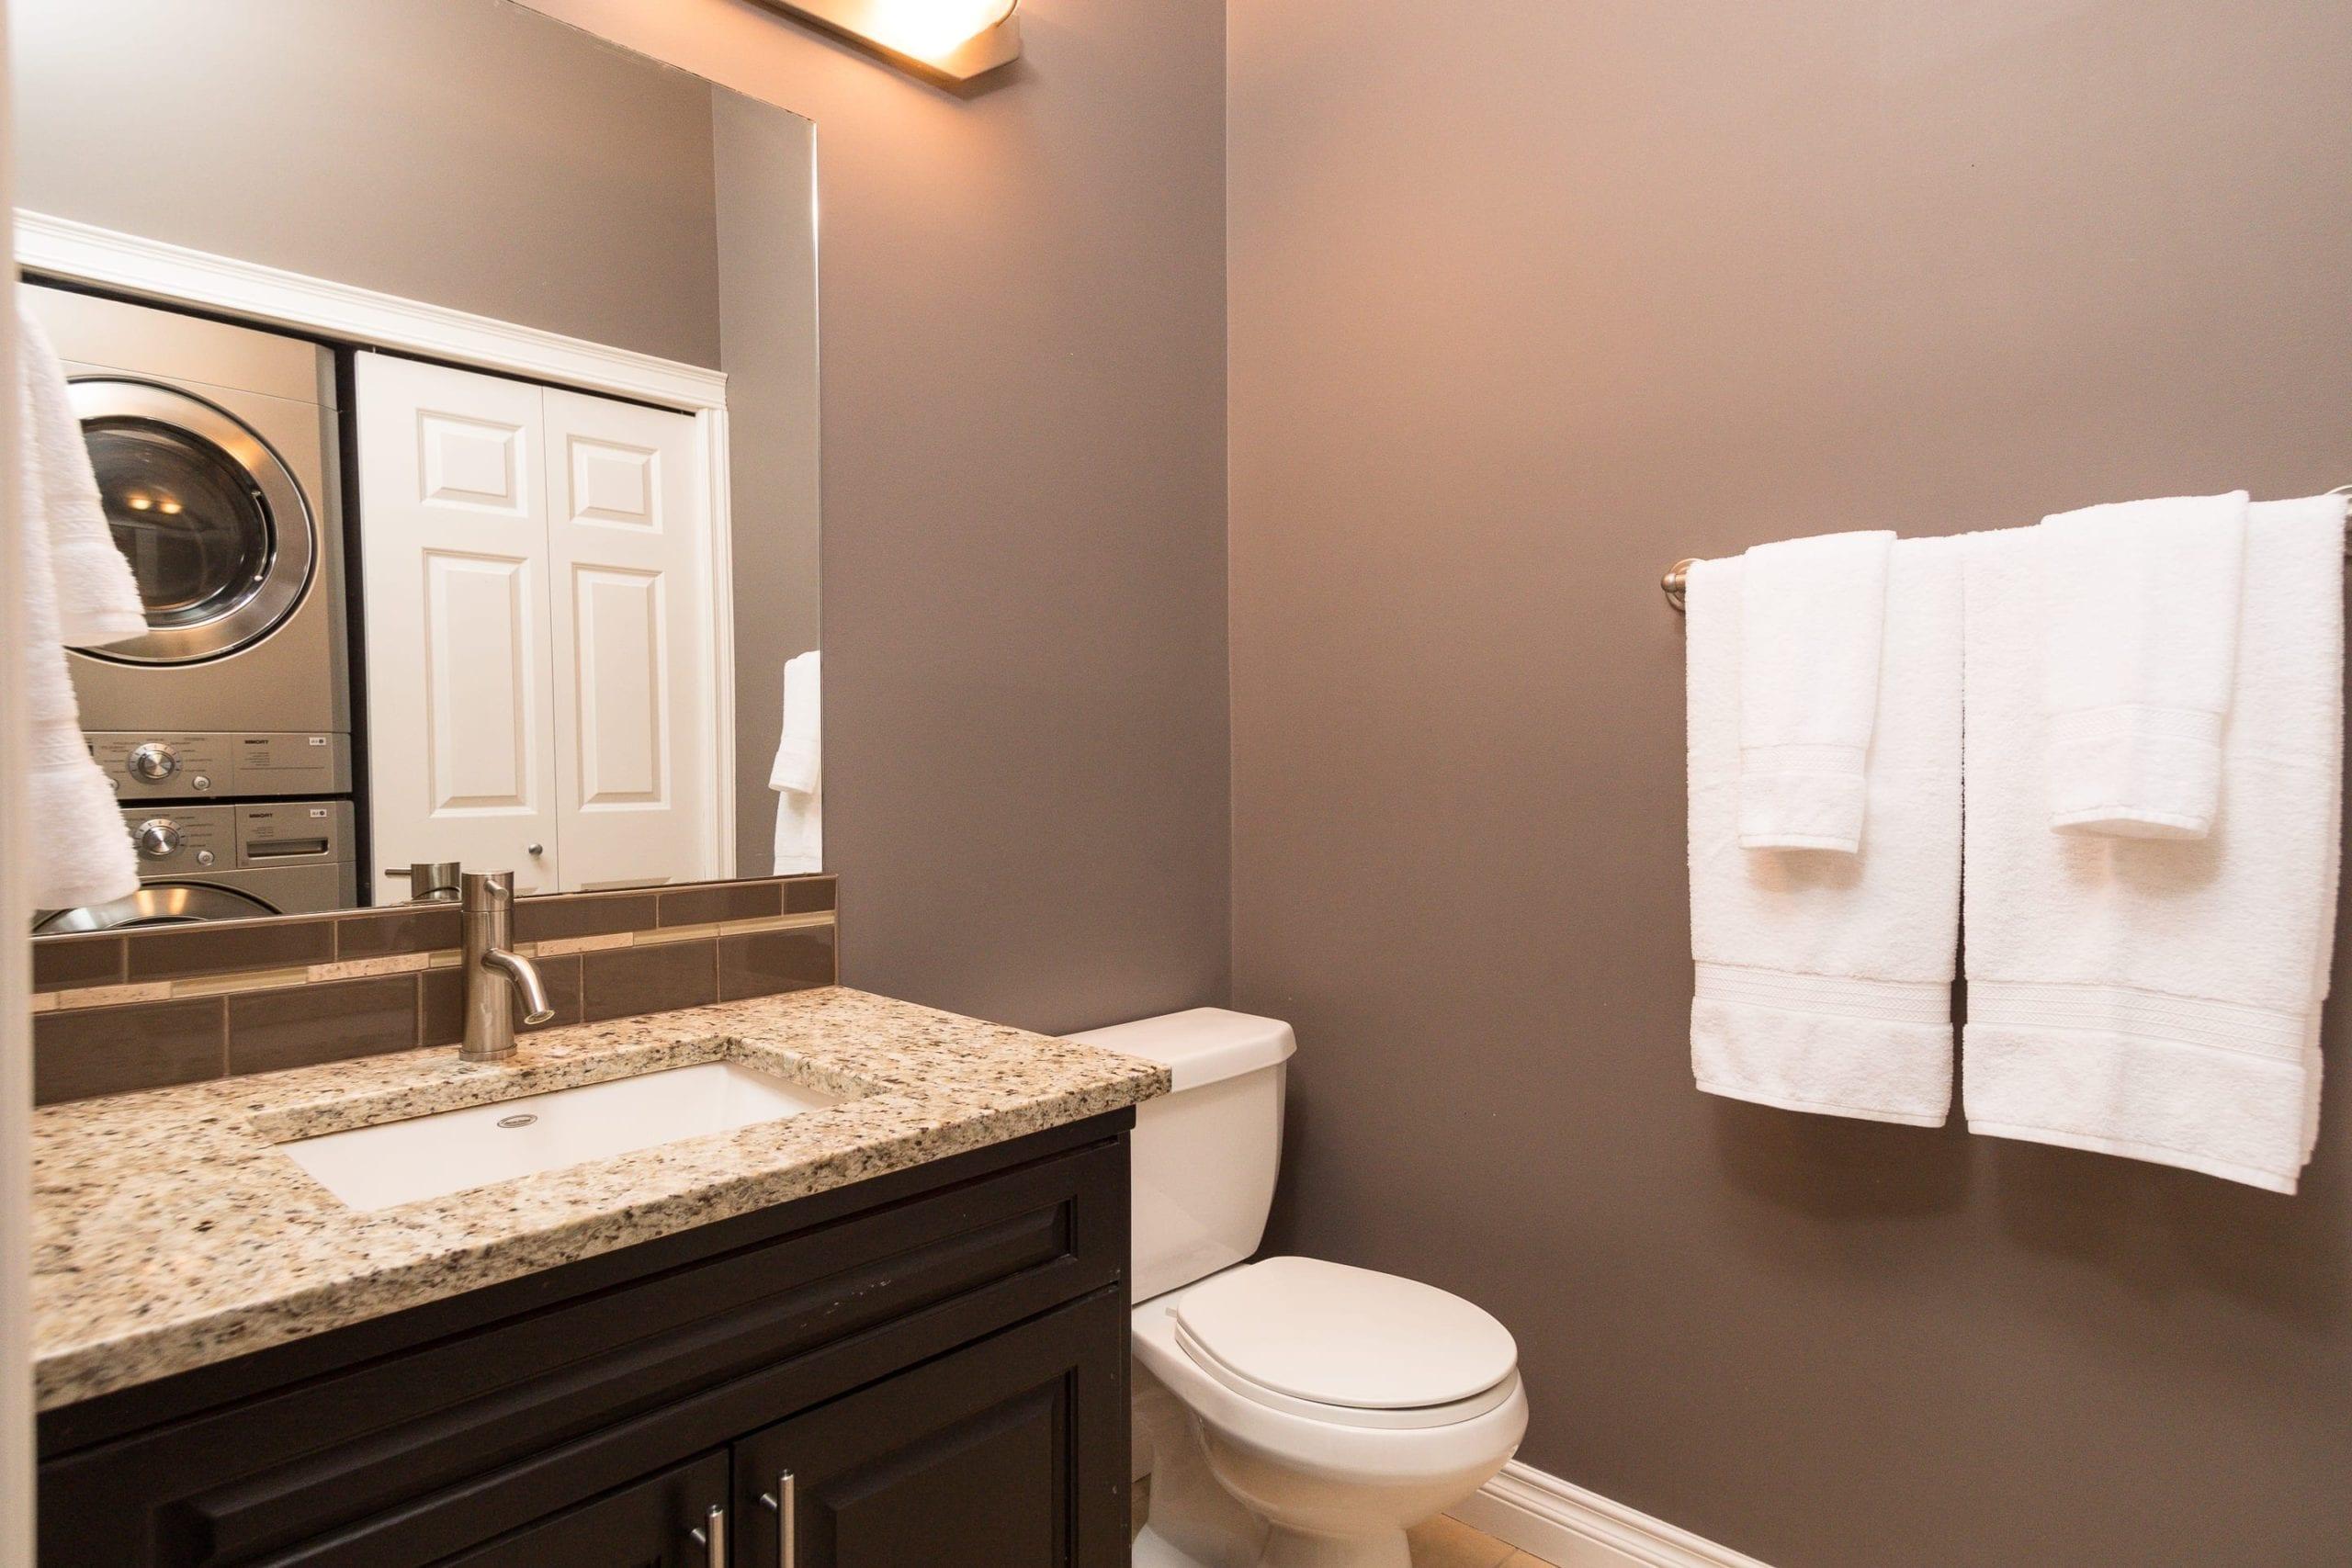 Hello Gorgeous - 243 Stage Coach Lane, Rockyview County AB - Tara Molina Real Estate (50 of 59)